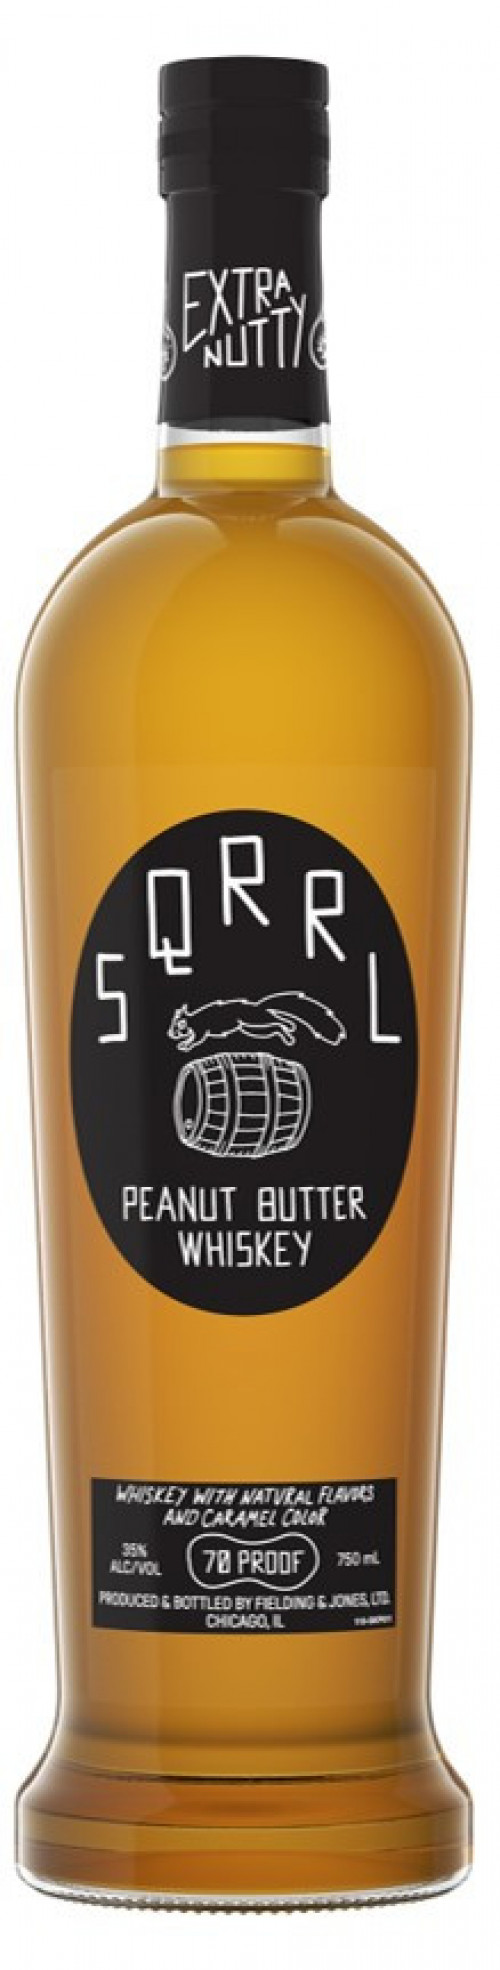 SQRRL Peanut Butter Whiskey 750ml